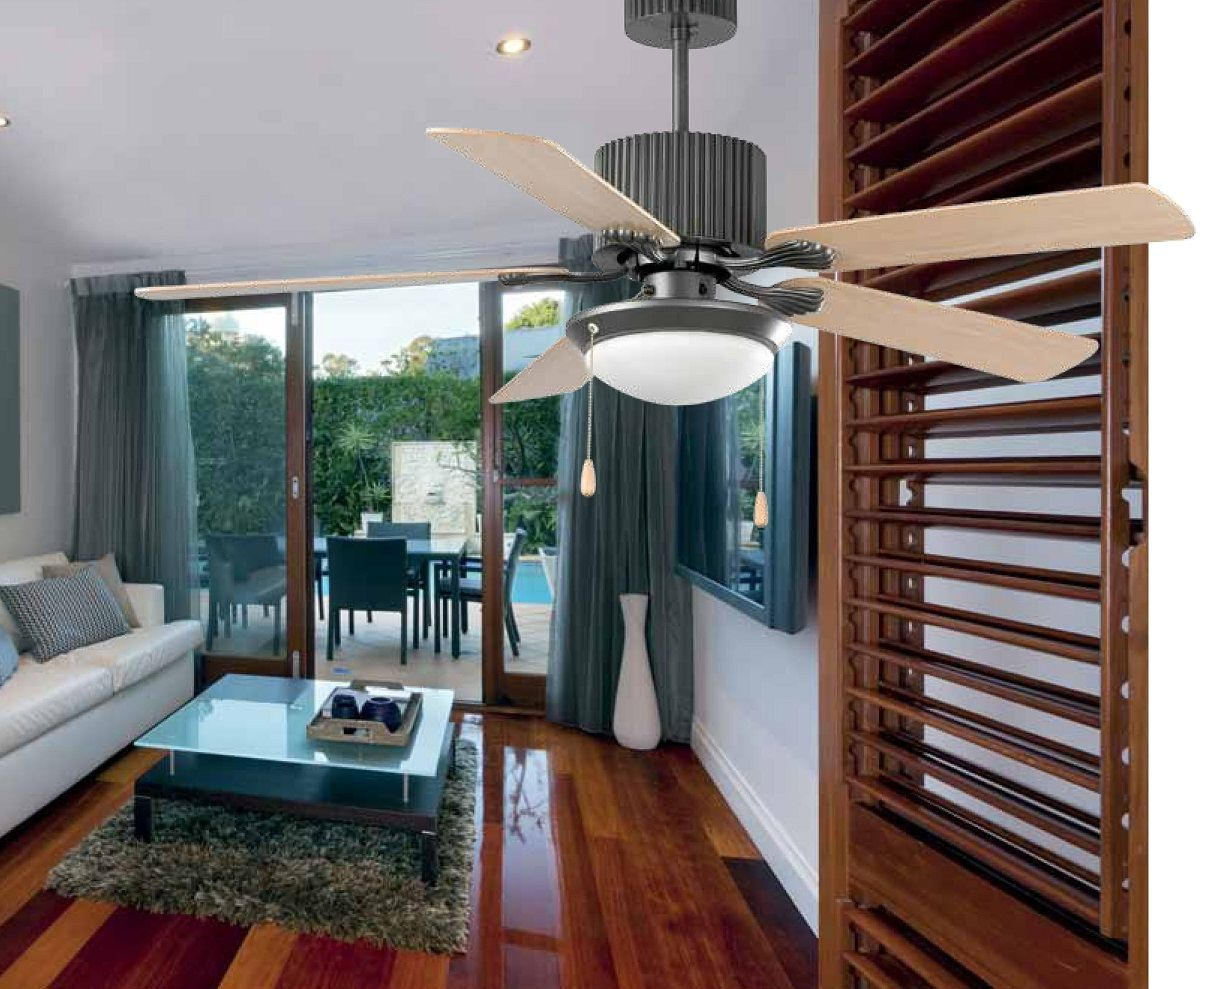 Ventiladores de techo te ayudo a elegir tu l mpara - Lamparas techos altos ...